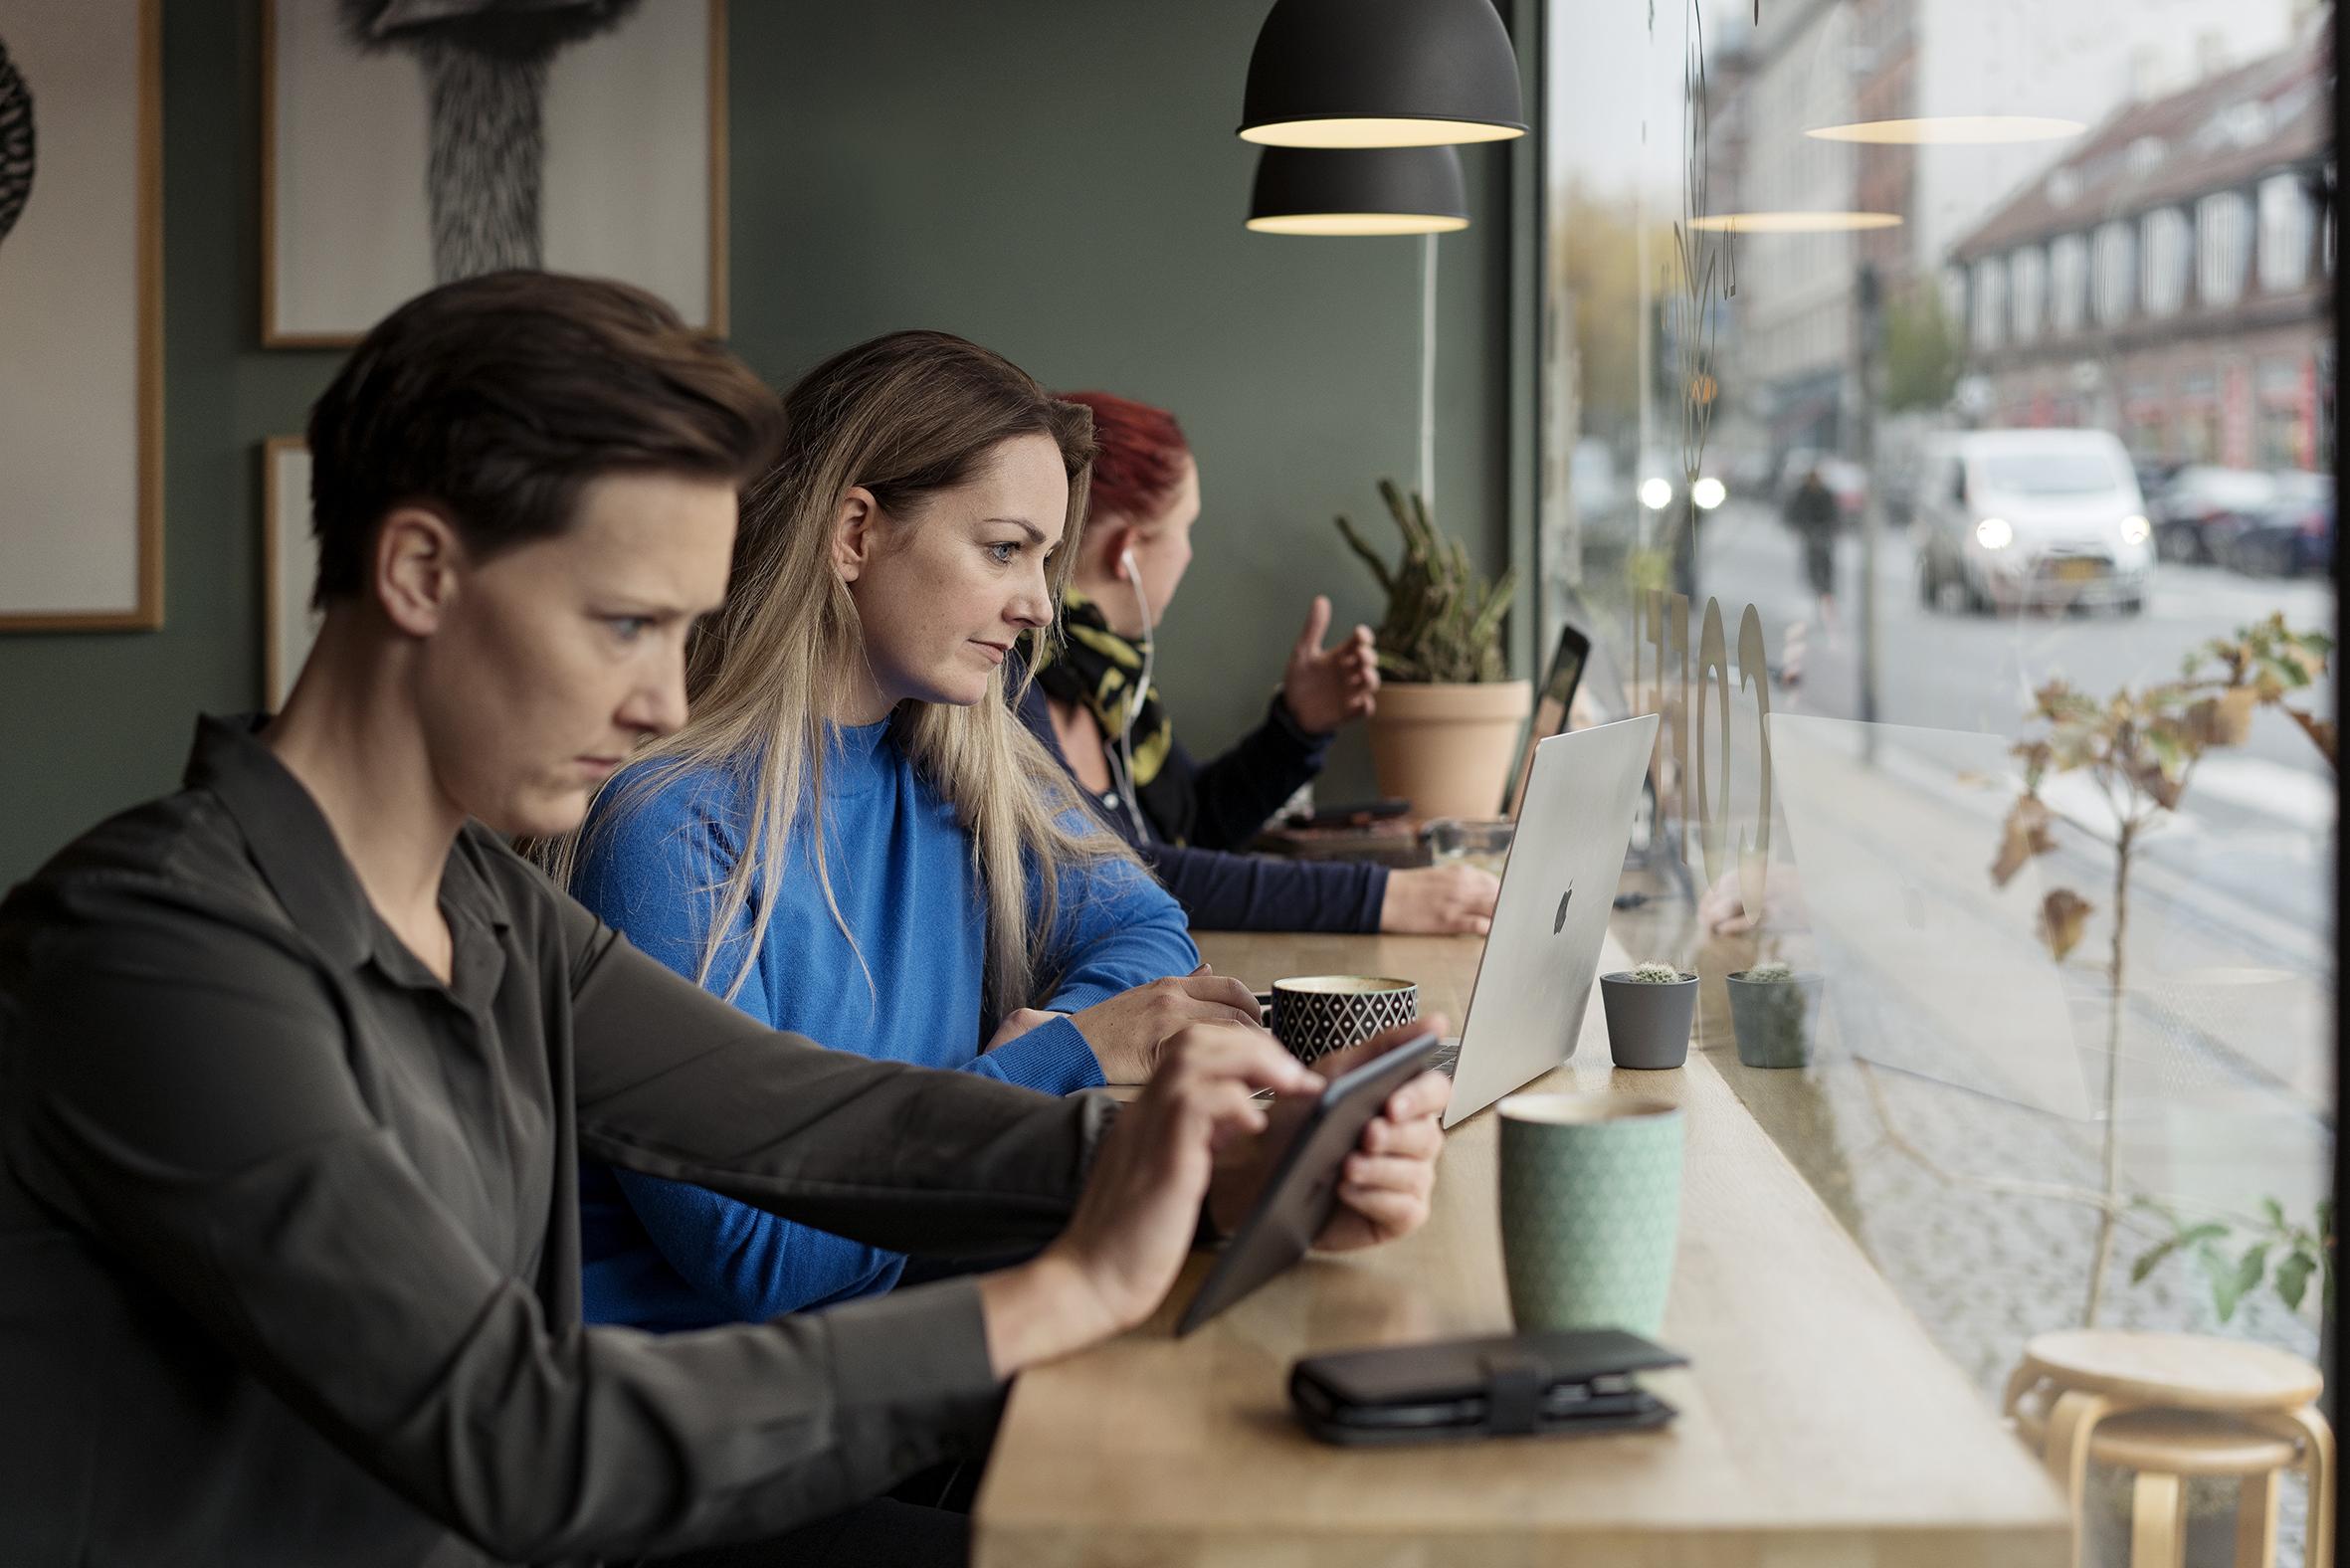 Danskerne effektiviserer mediebrugen i 2018